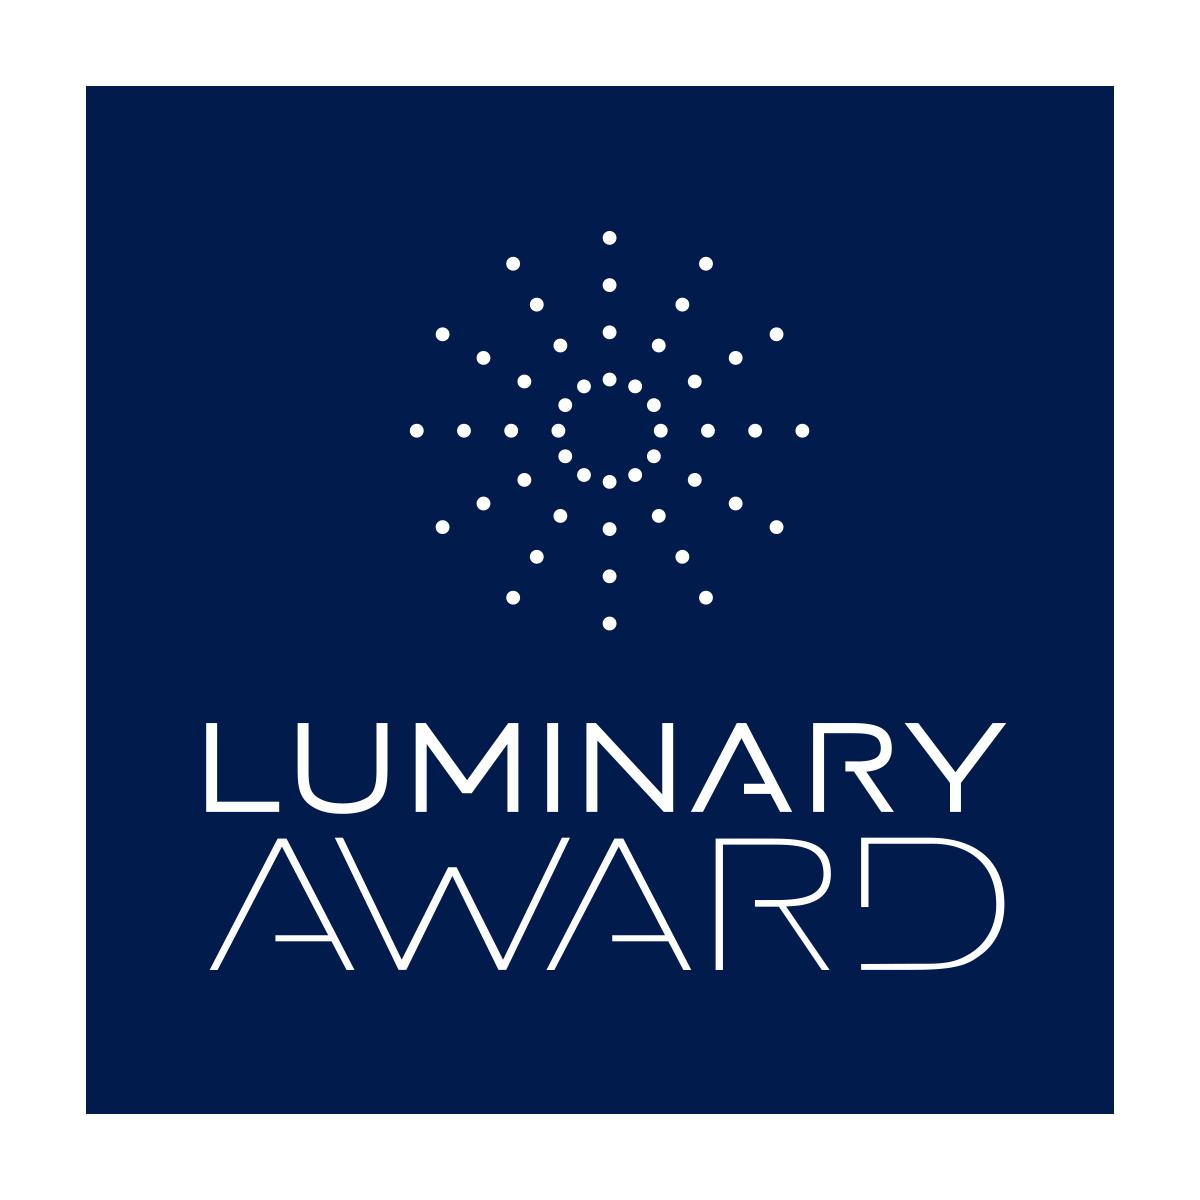 Luminary Award, NIPSCO Leadership Award